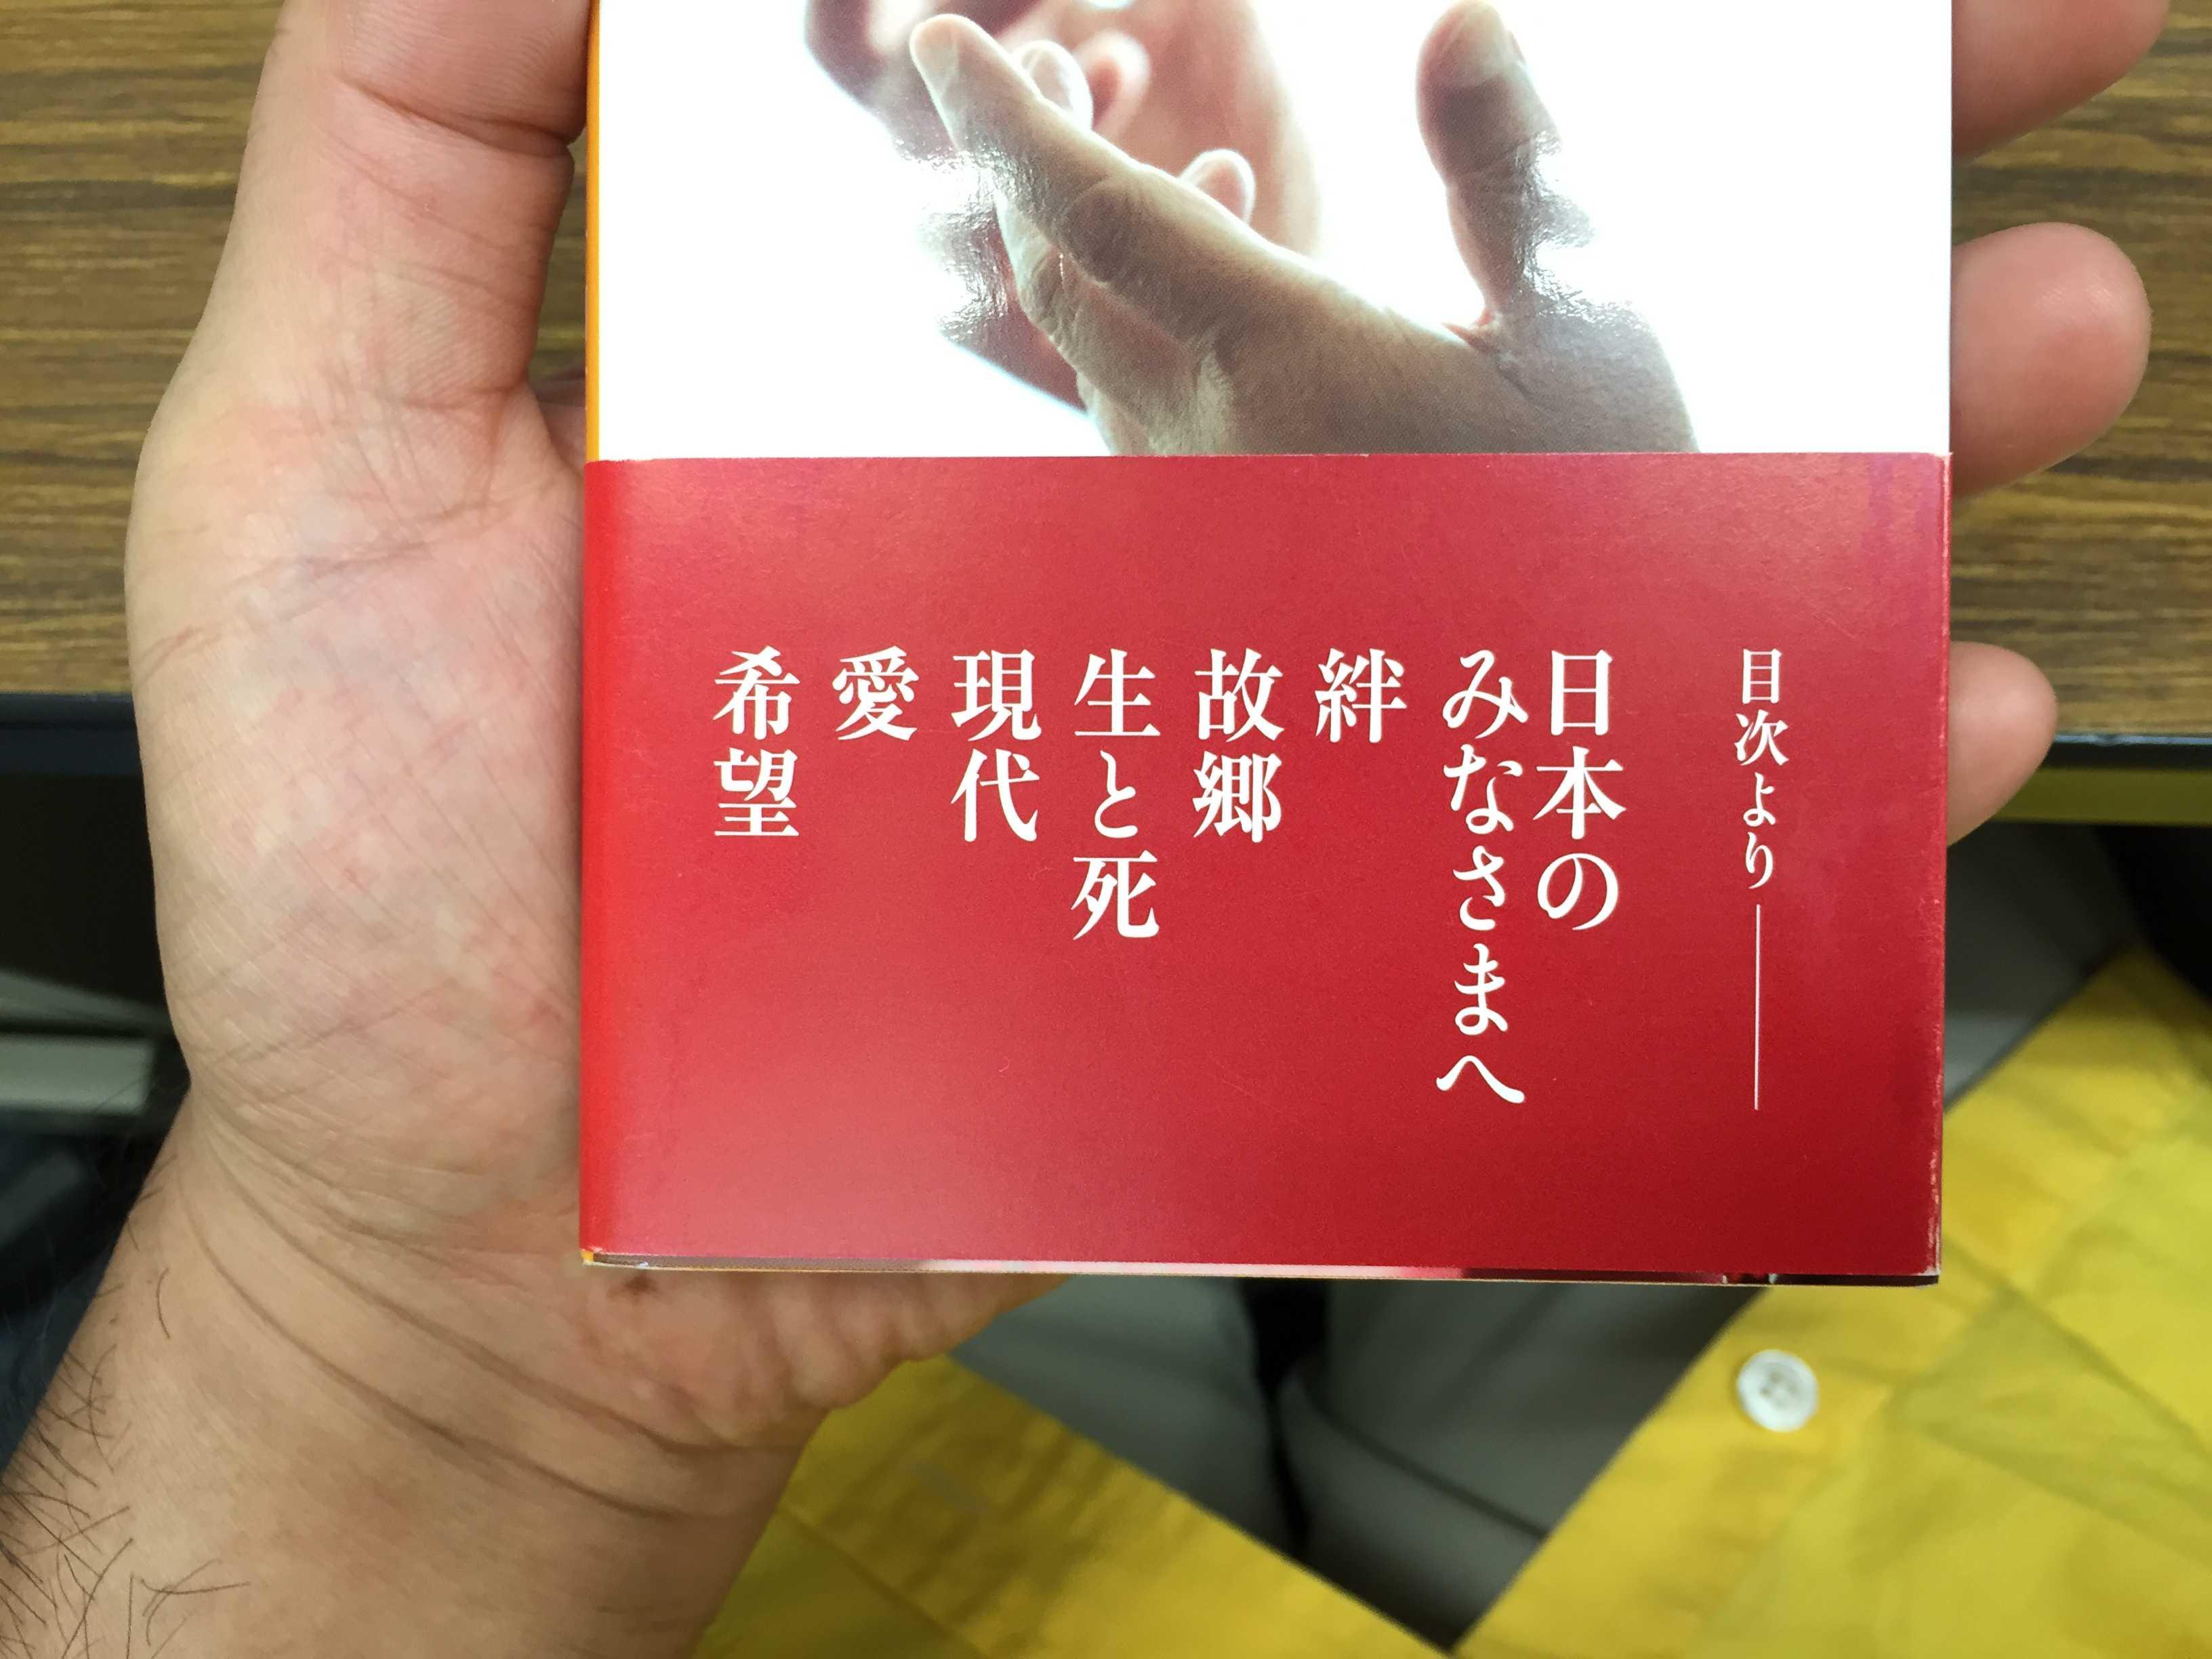 ダライ・ラマ14世 - 日本のみなさまへ、絆、故郷、生と死、現代、愛、希望。